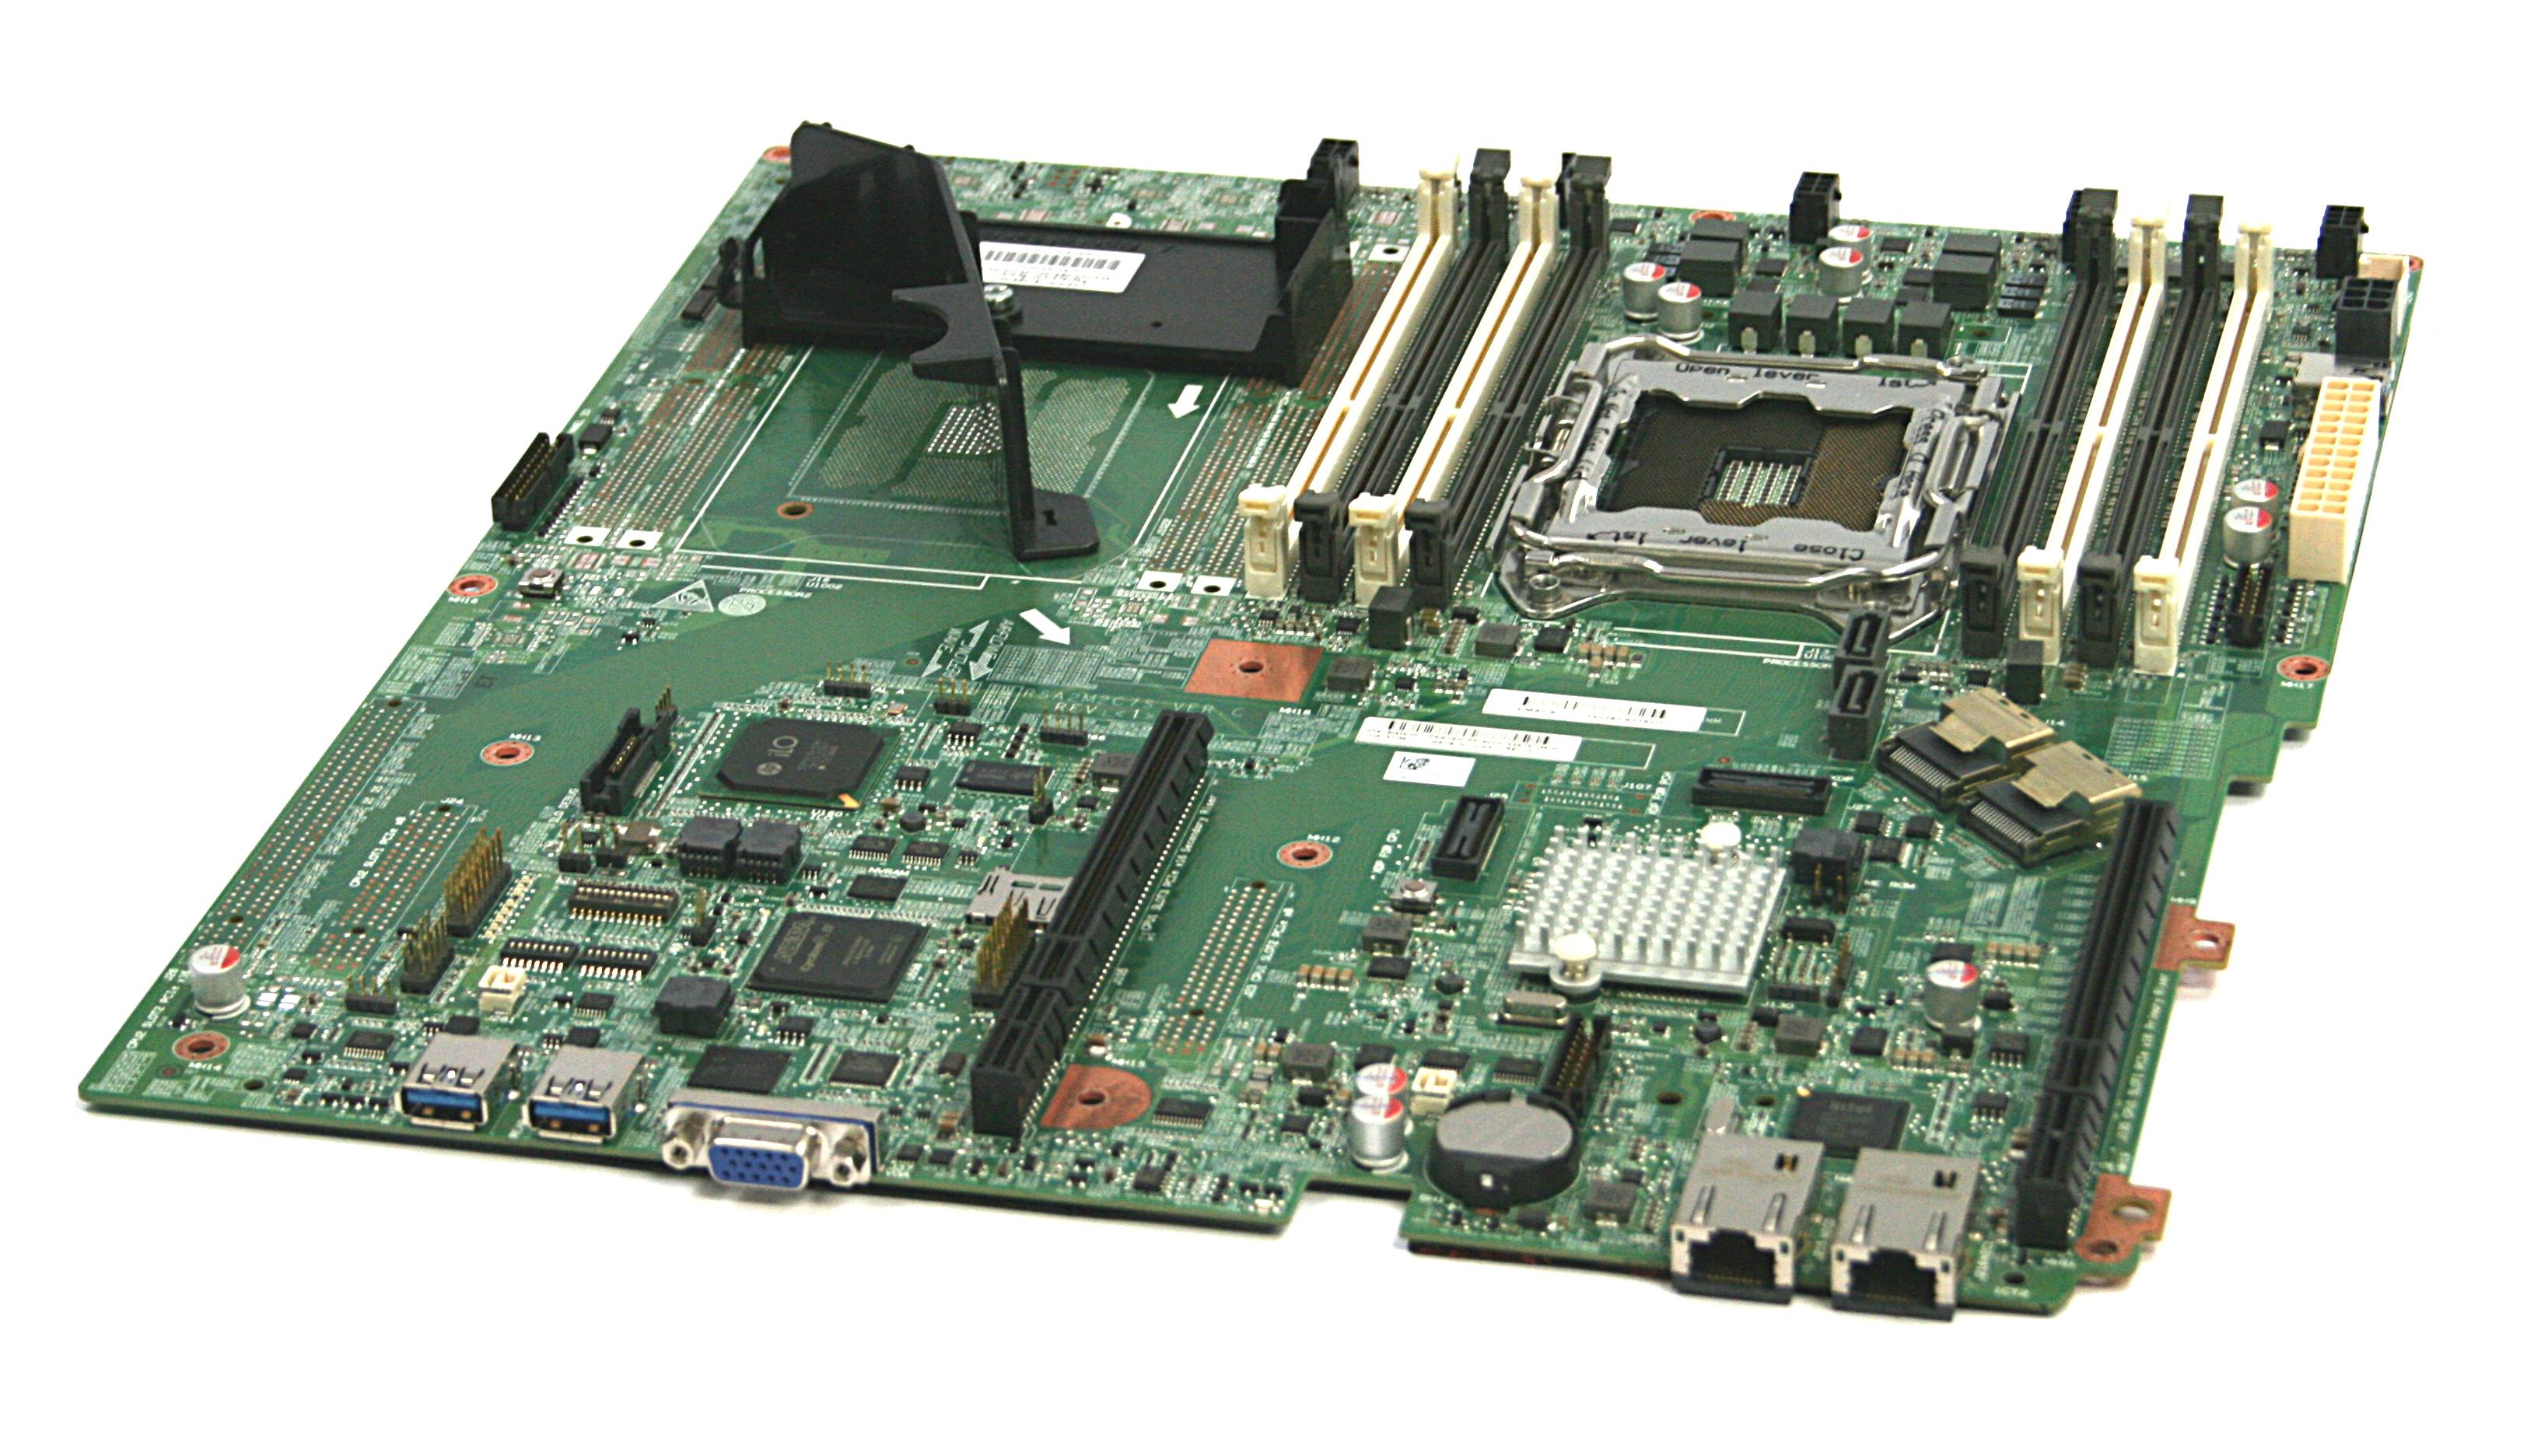 HP 790549-001 Proliant DL120 Gen9 System Board